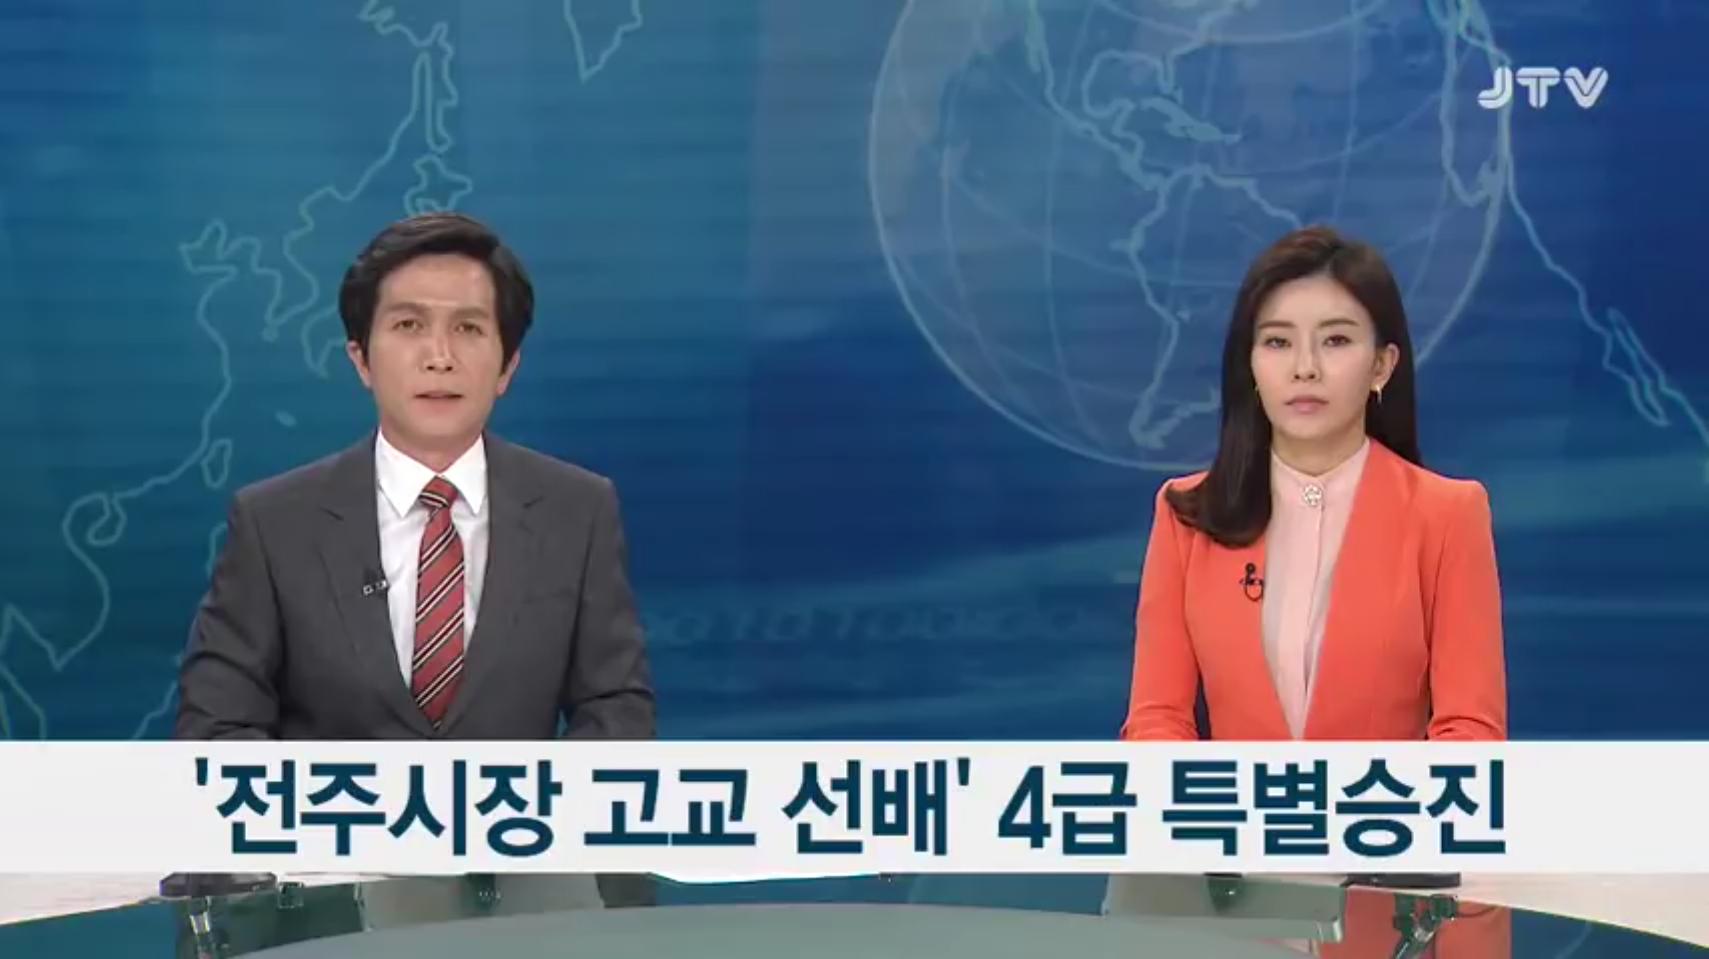 [19.5.7 JTV] 김승수 전주시장 고교선배 4급 특별승진1.png